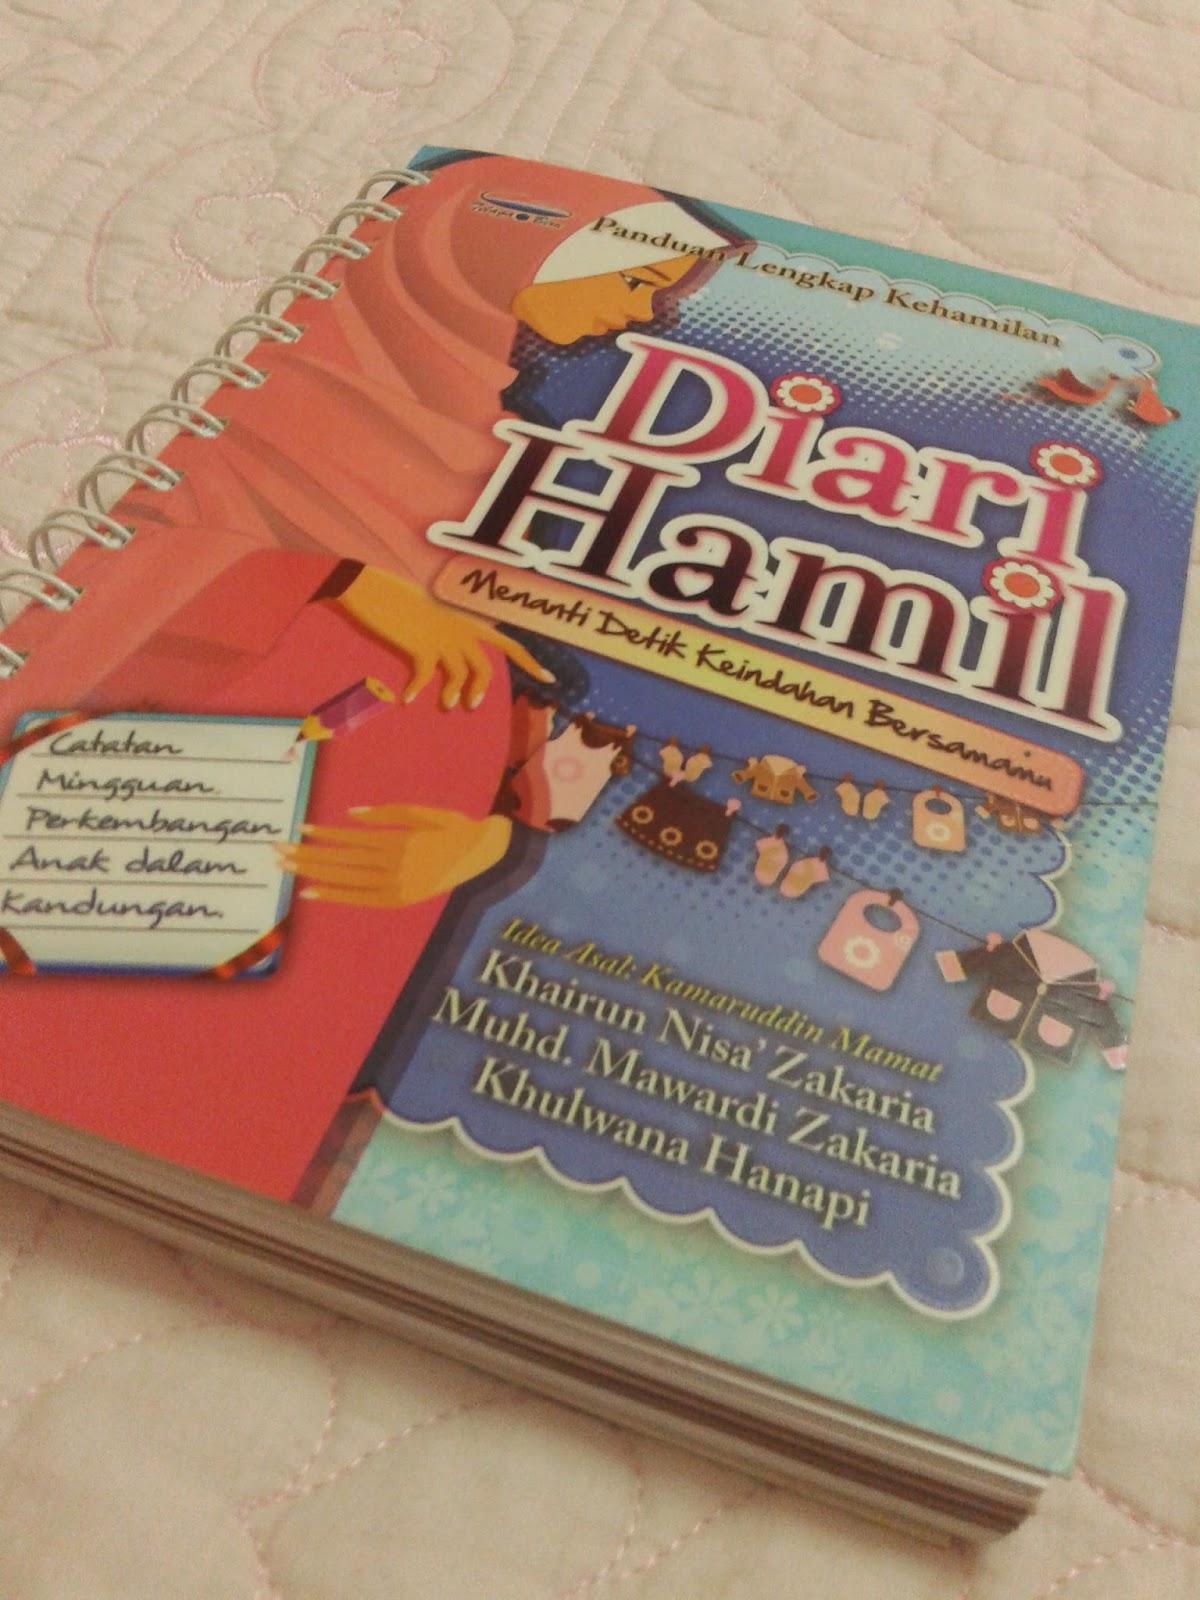 buku diari hamil keluaran telaga biru